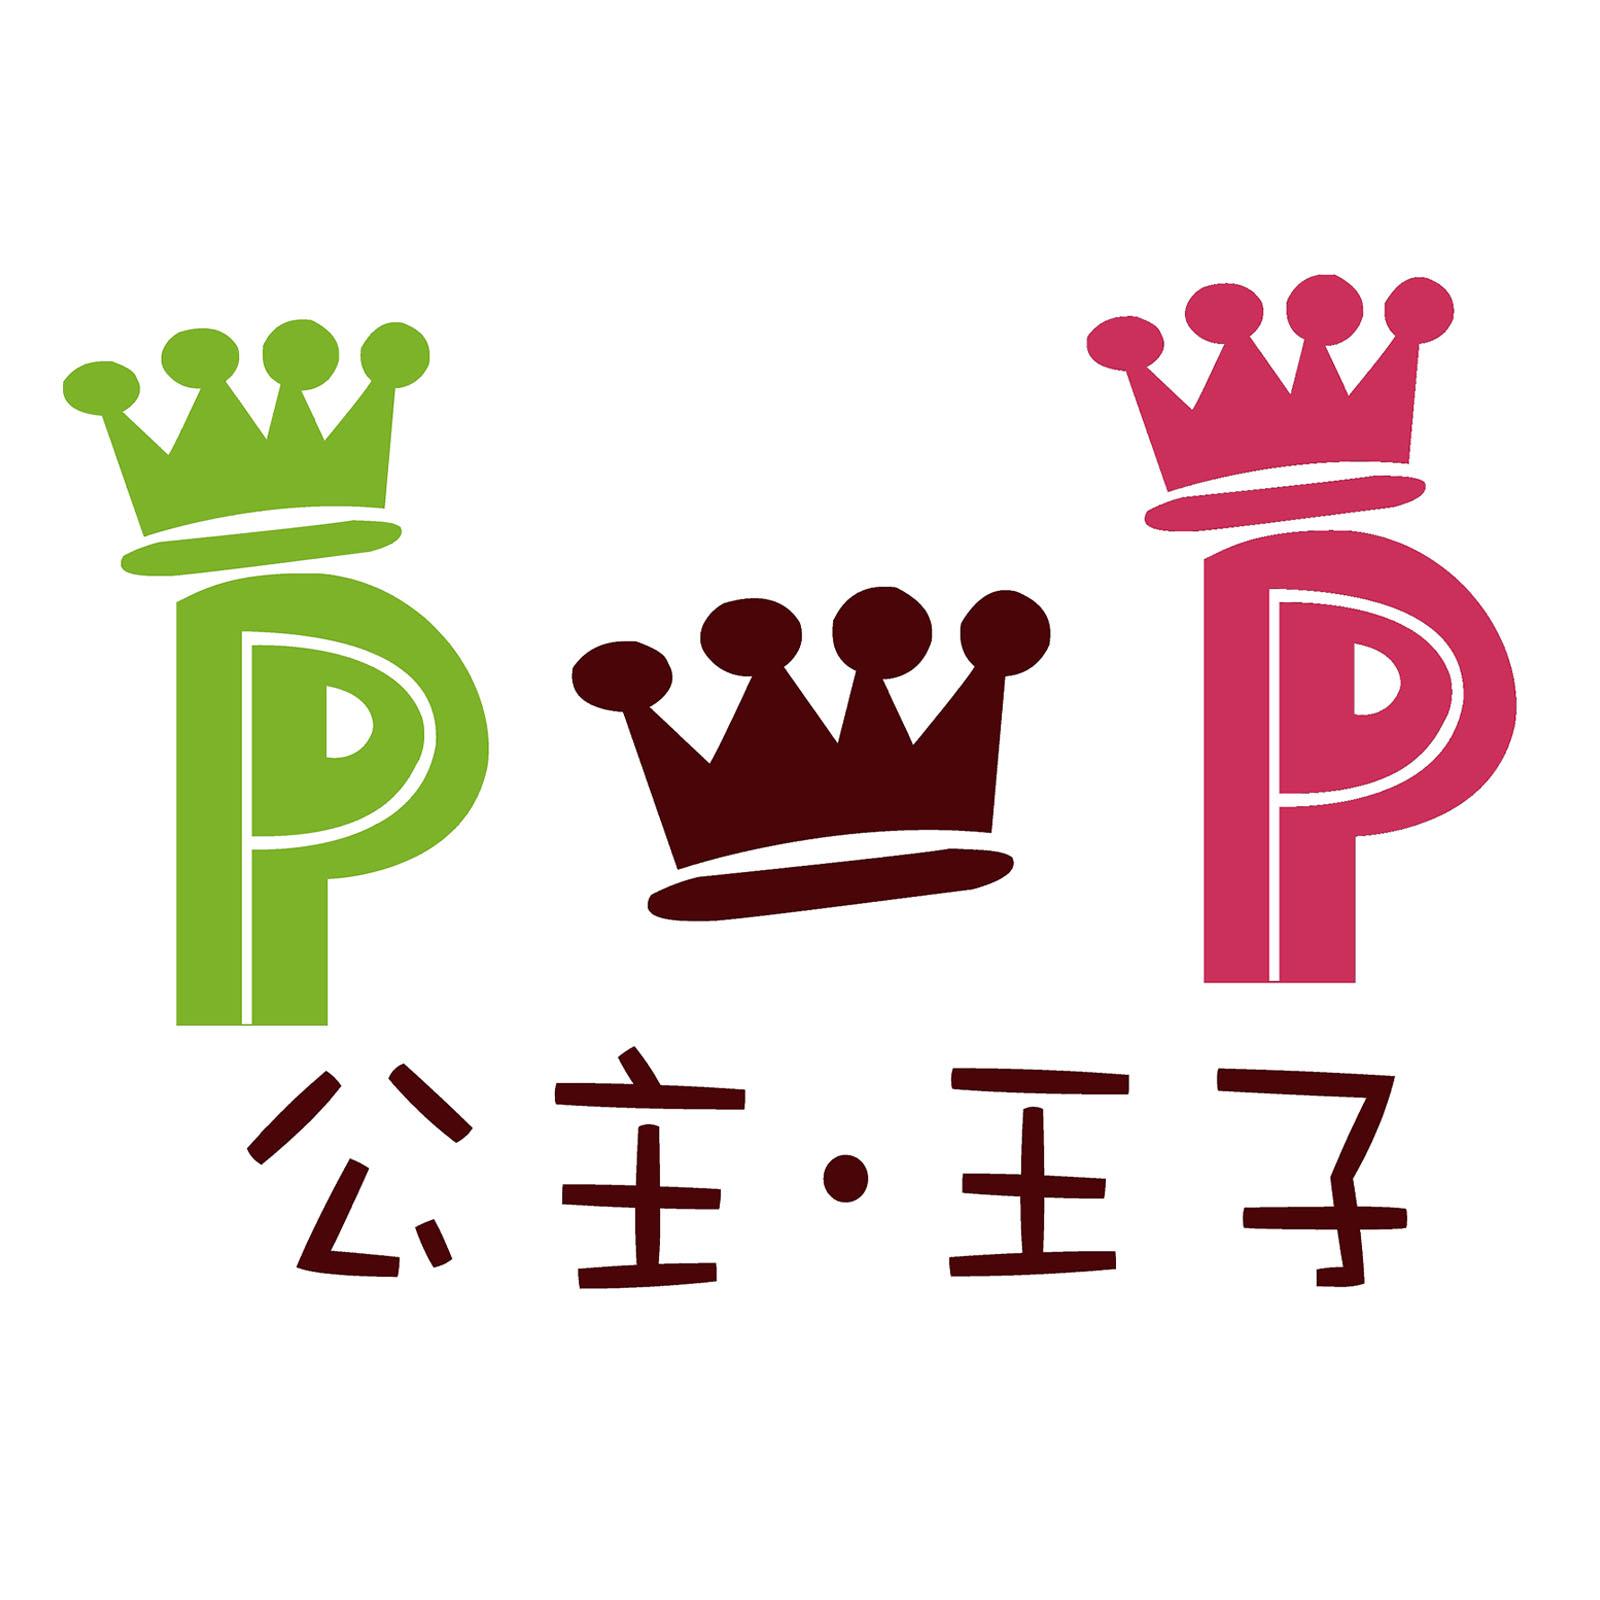 logo logo 标志 设计 矢量 矢量图 素材 图标 1600_1600